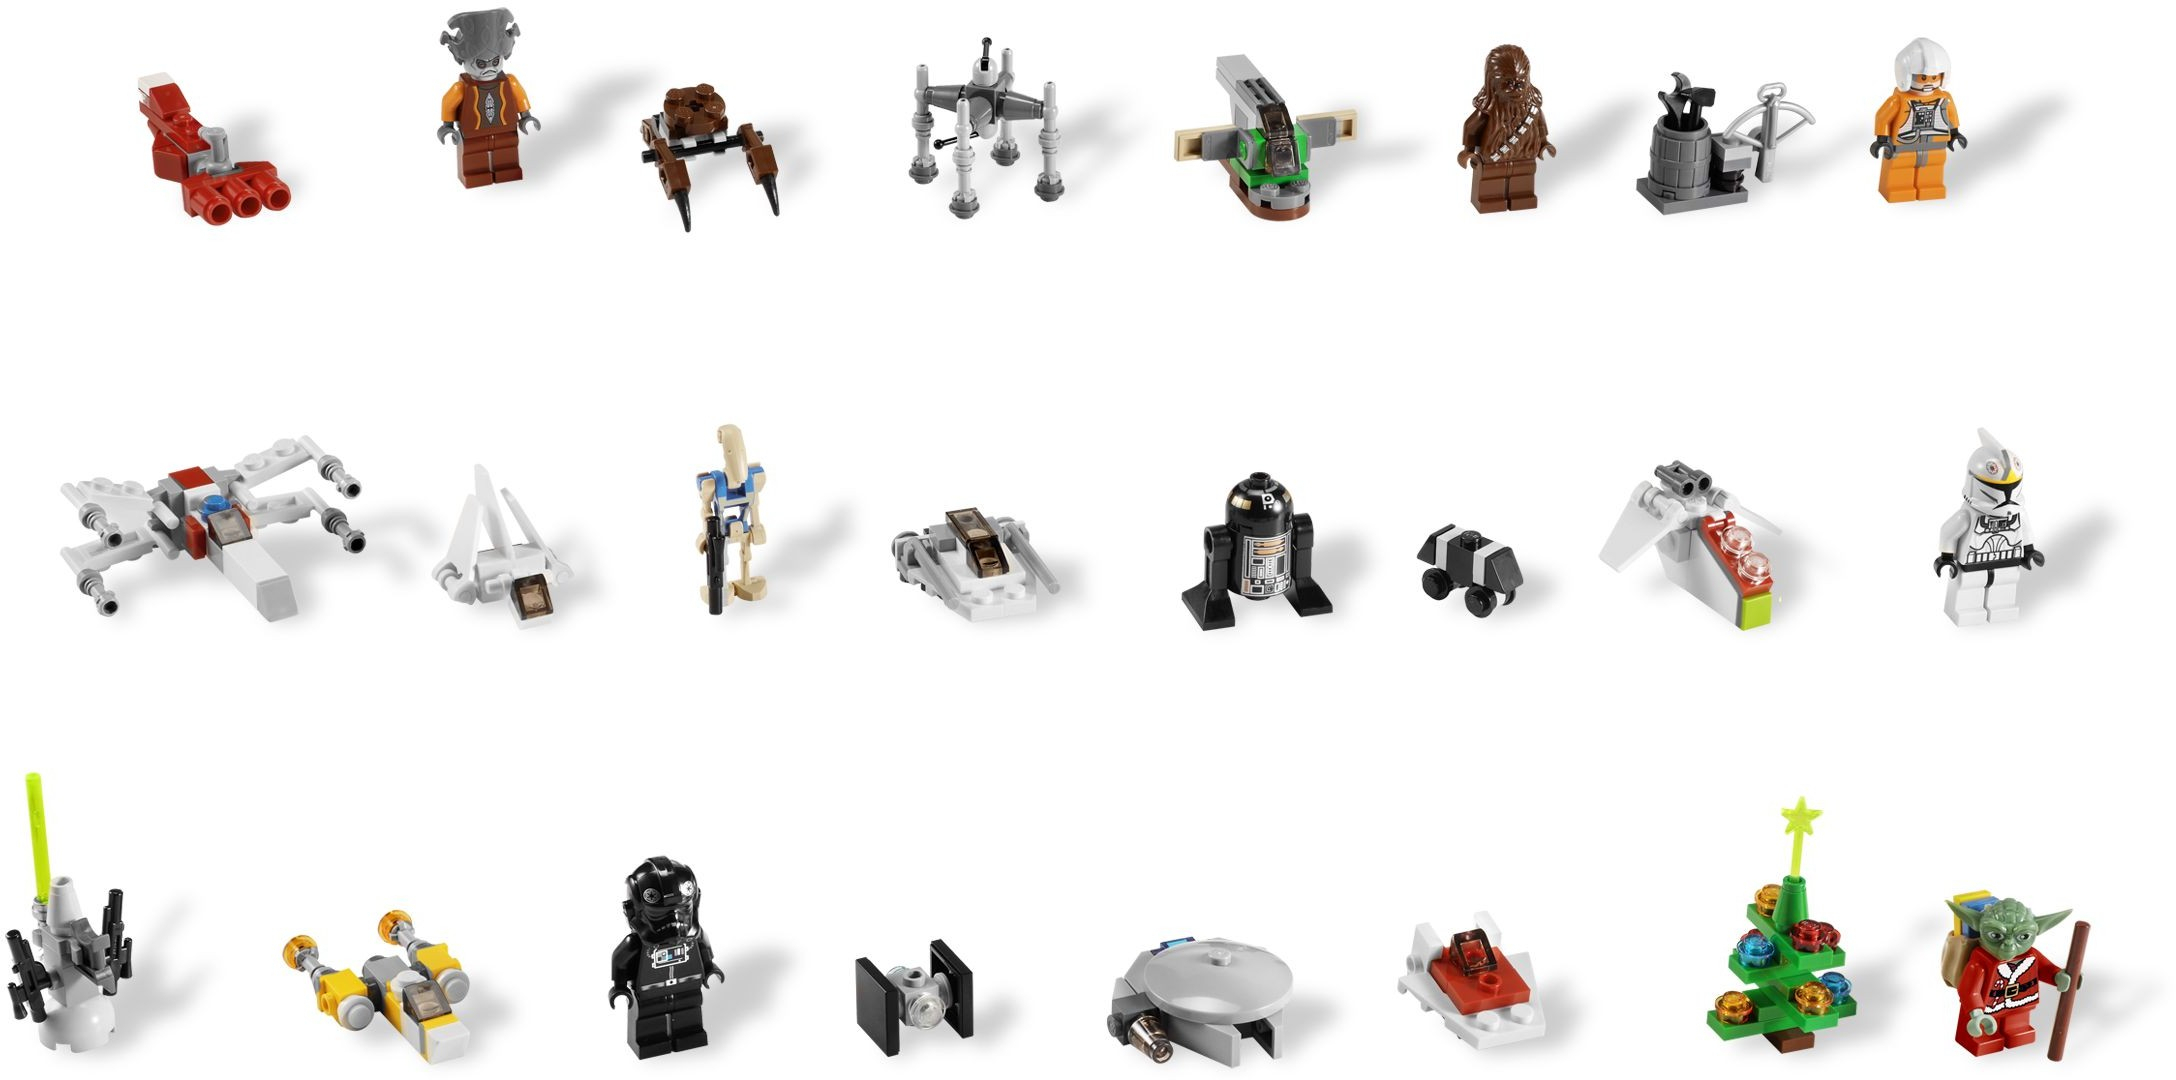 Star Wars Advent Calendar Номер 7958 Из Серии Звездные Войны in Lego Star Wars Calendar 2013